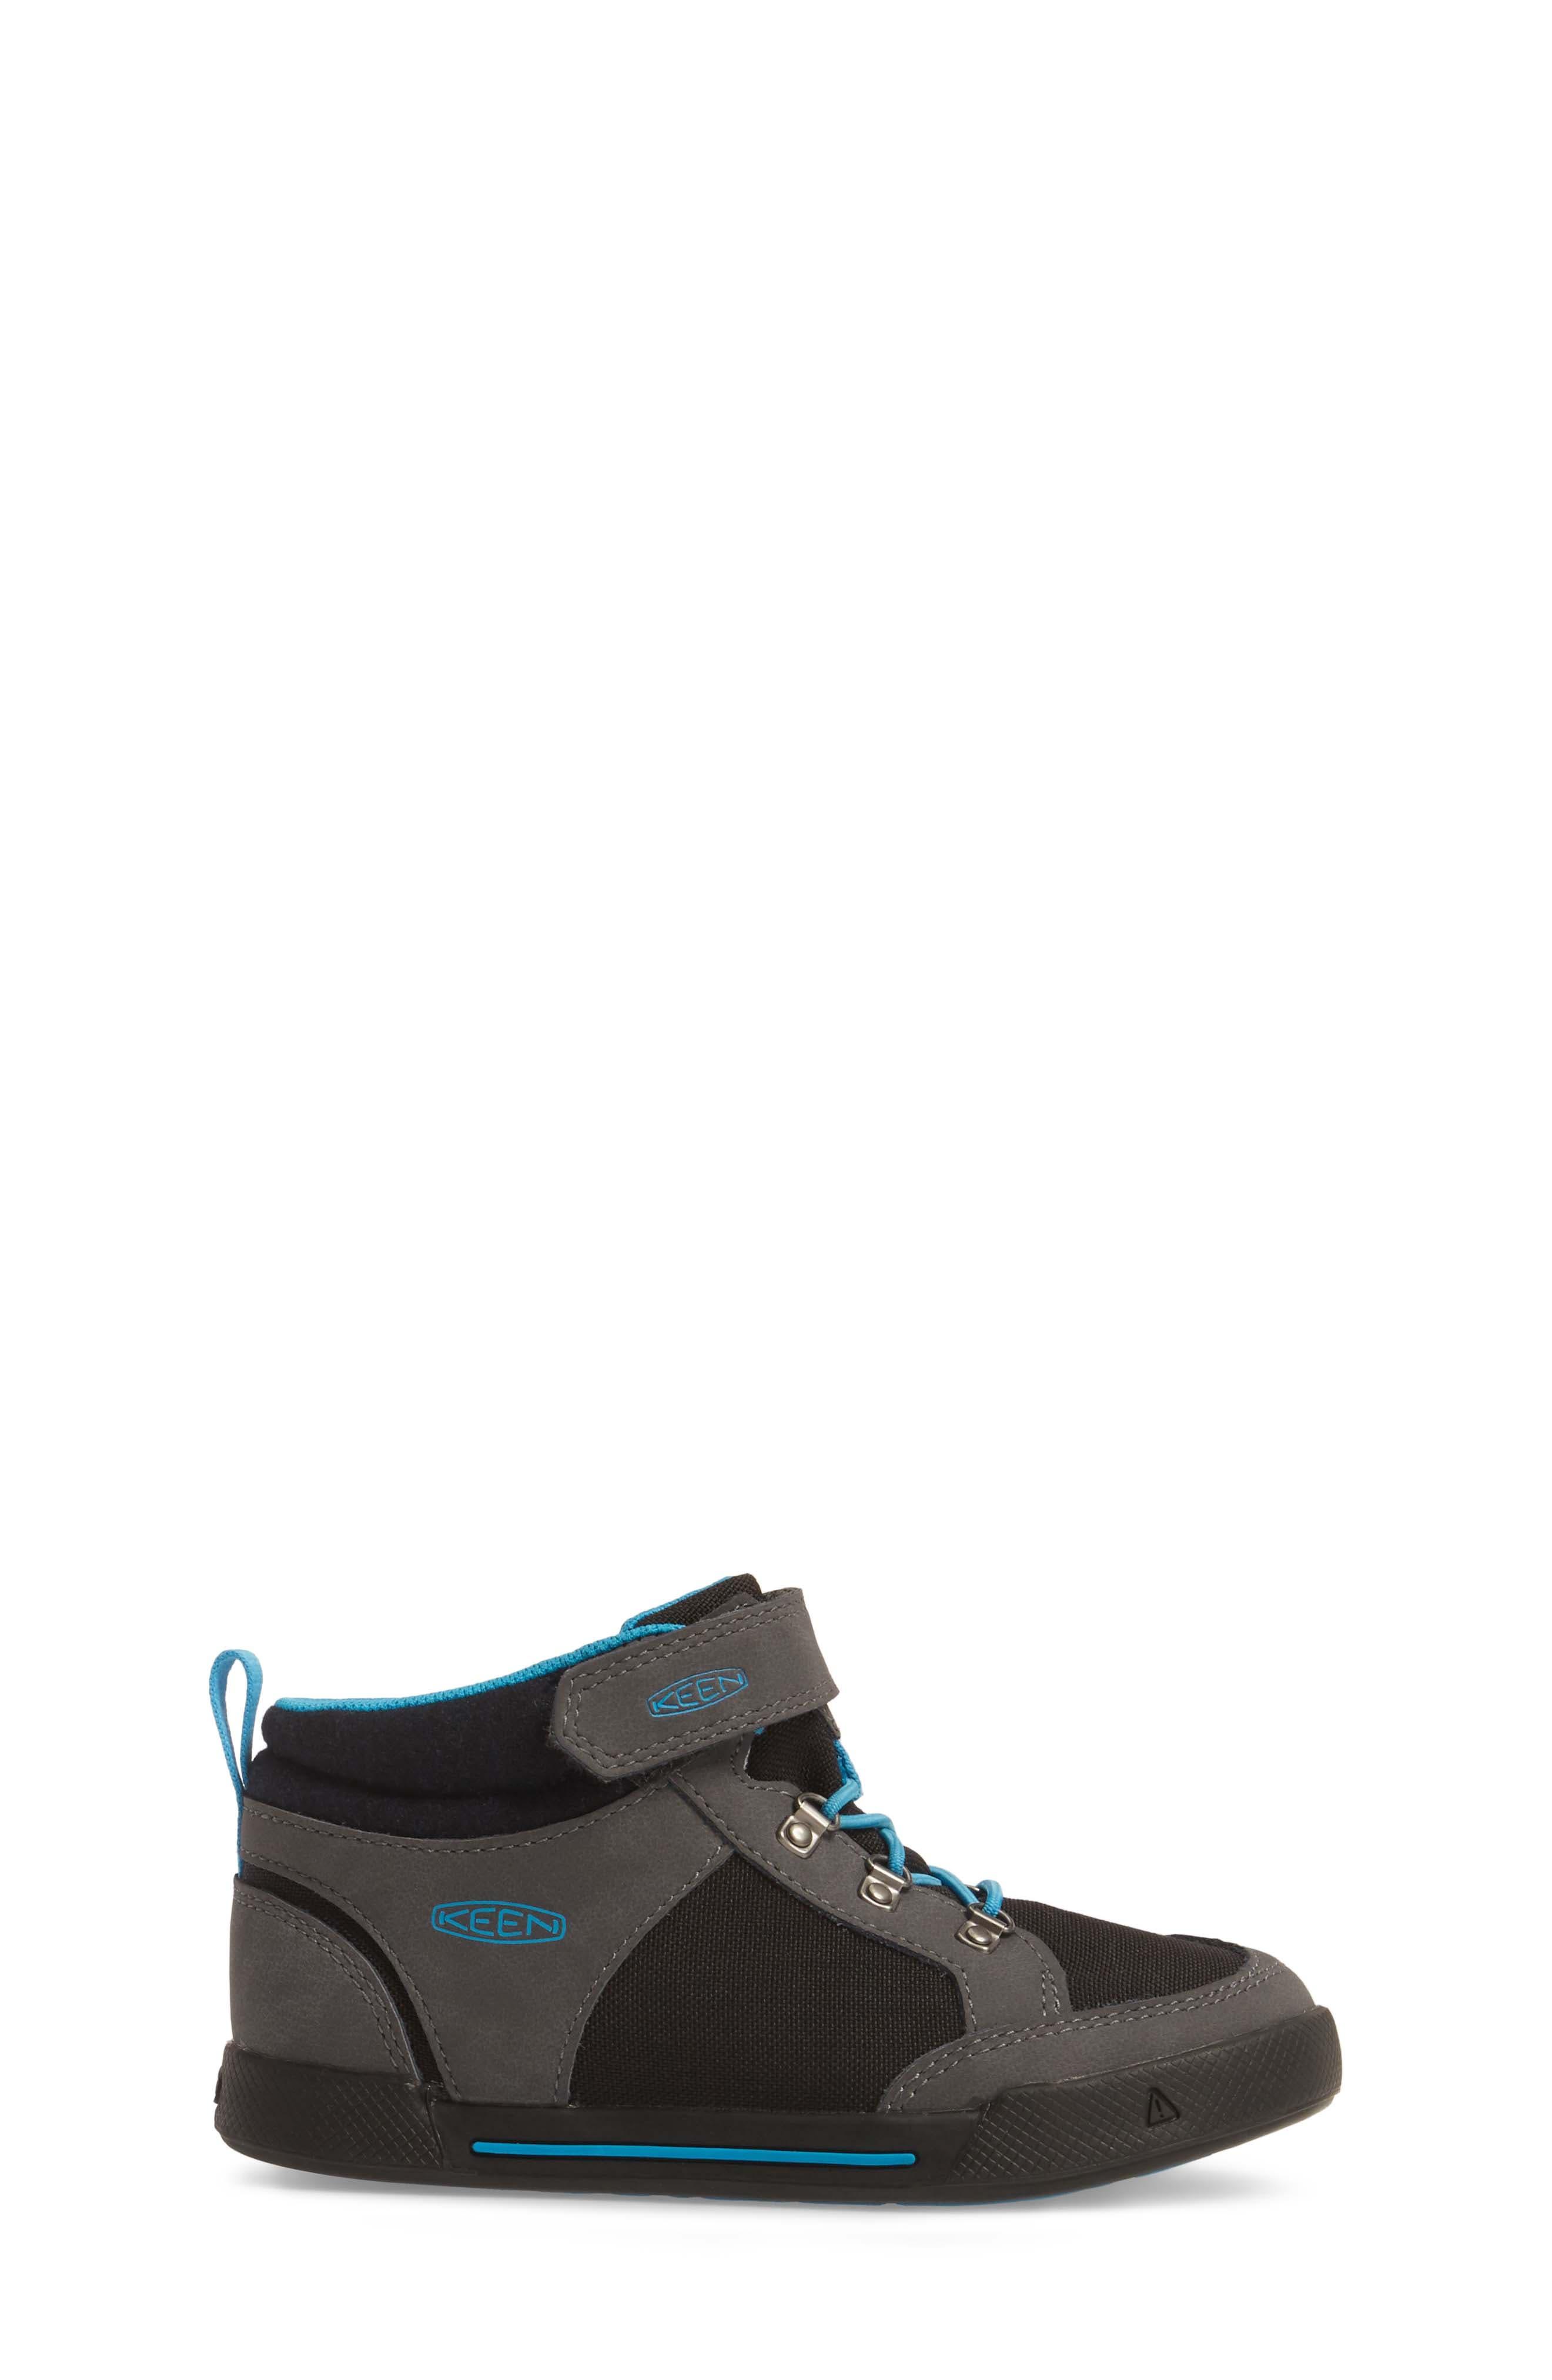 Alternate Image 3  - Keen Encanto Wesley II High Top Sneaker (Toddler, Little Kid & Big Kid)